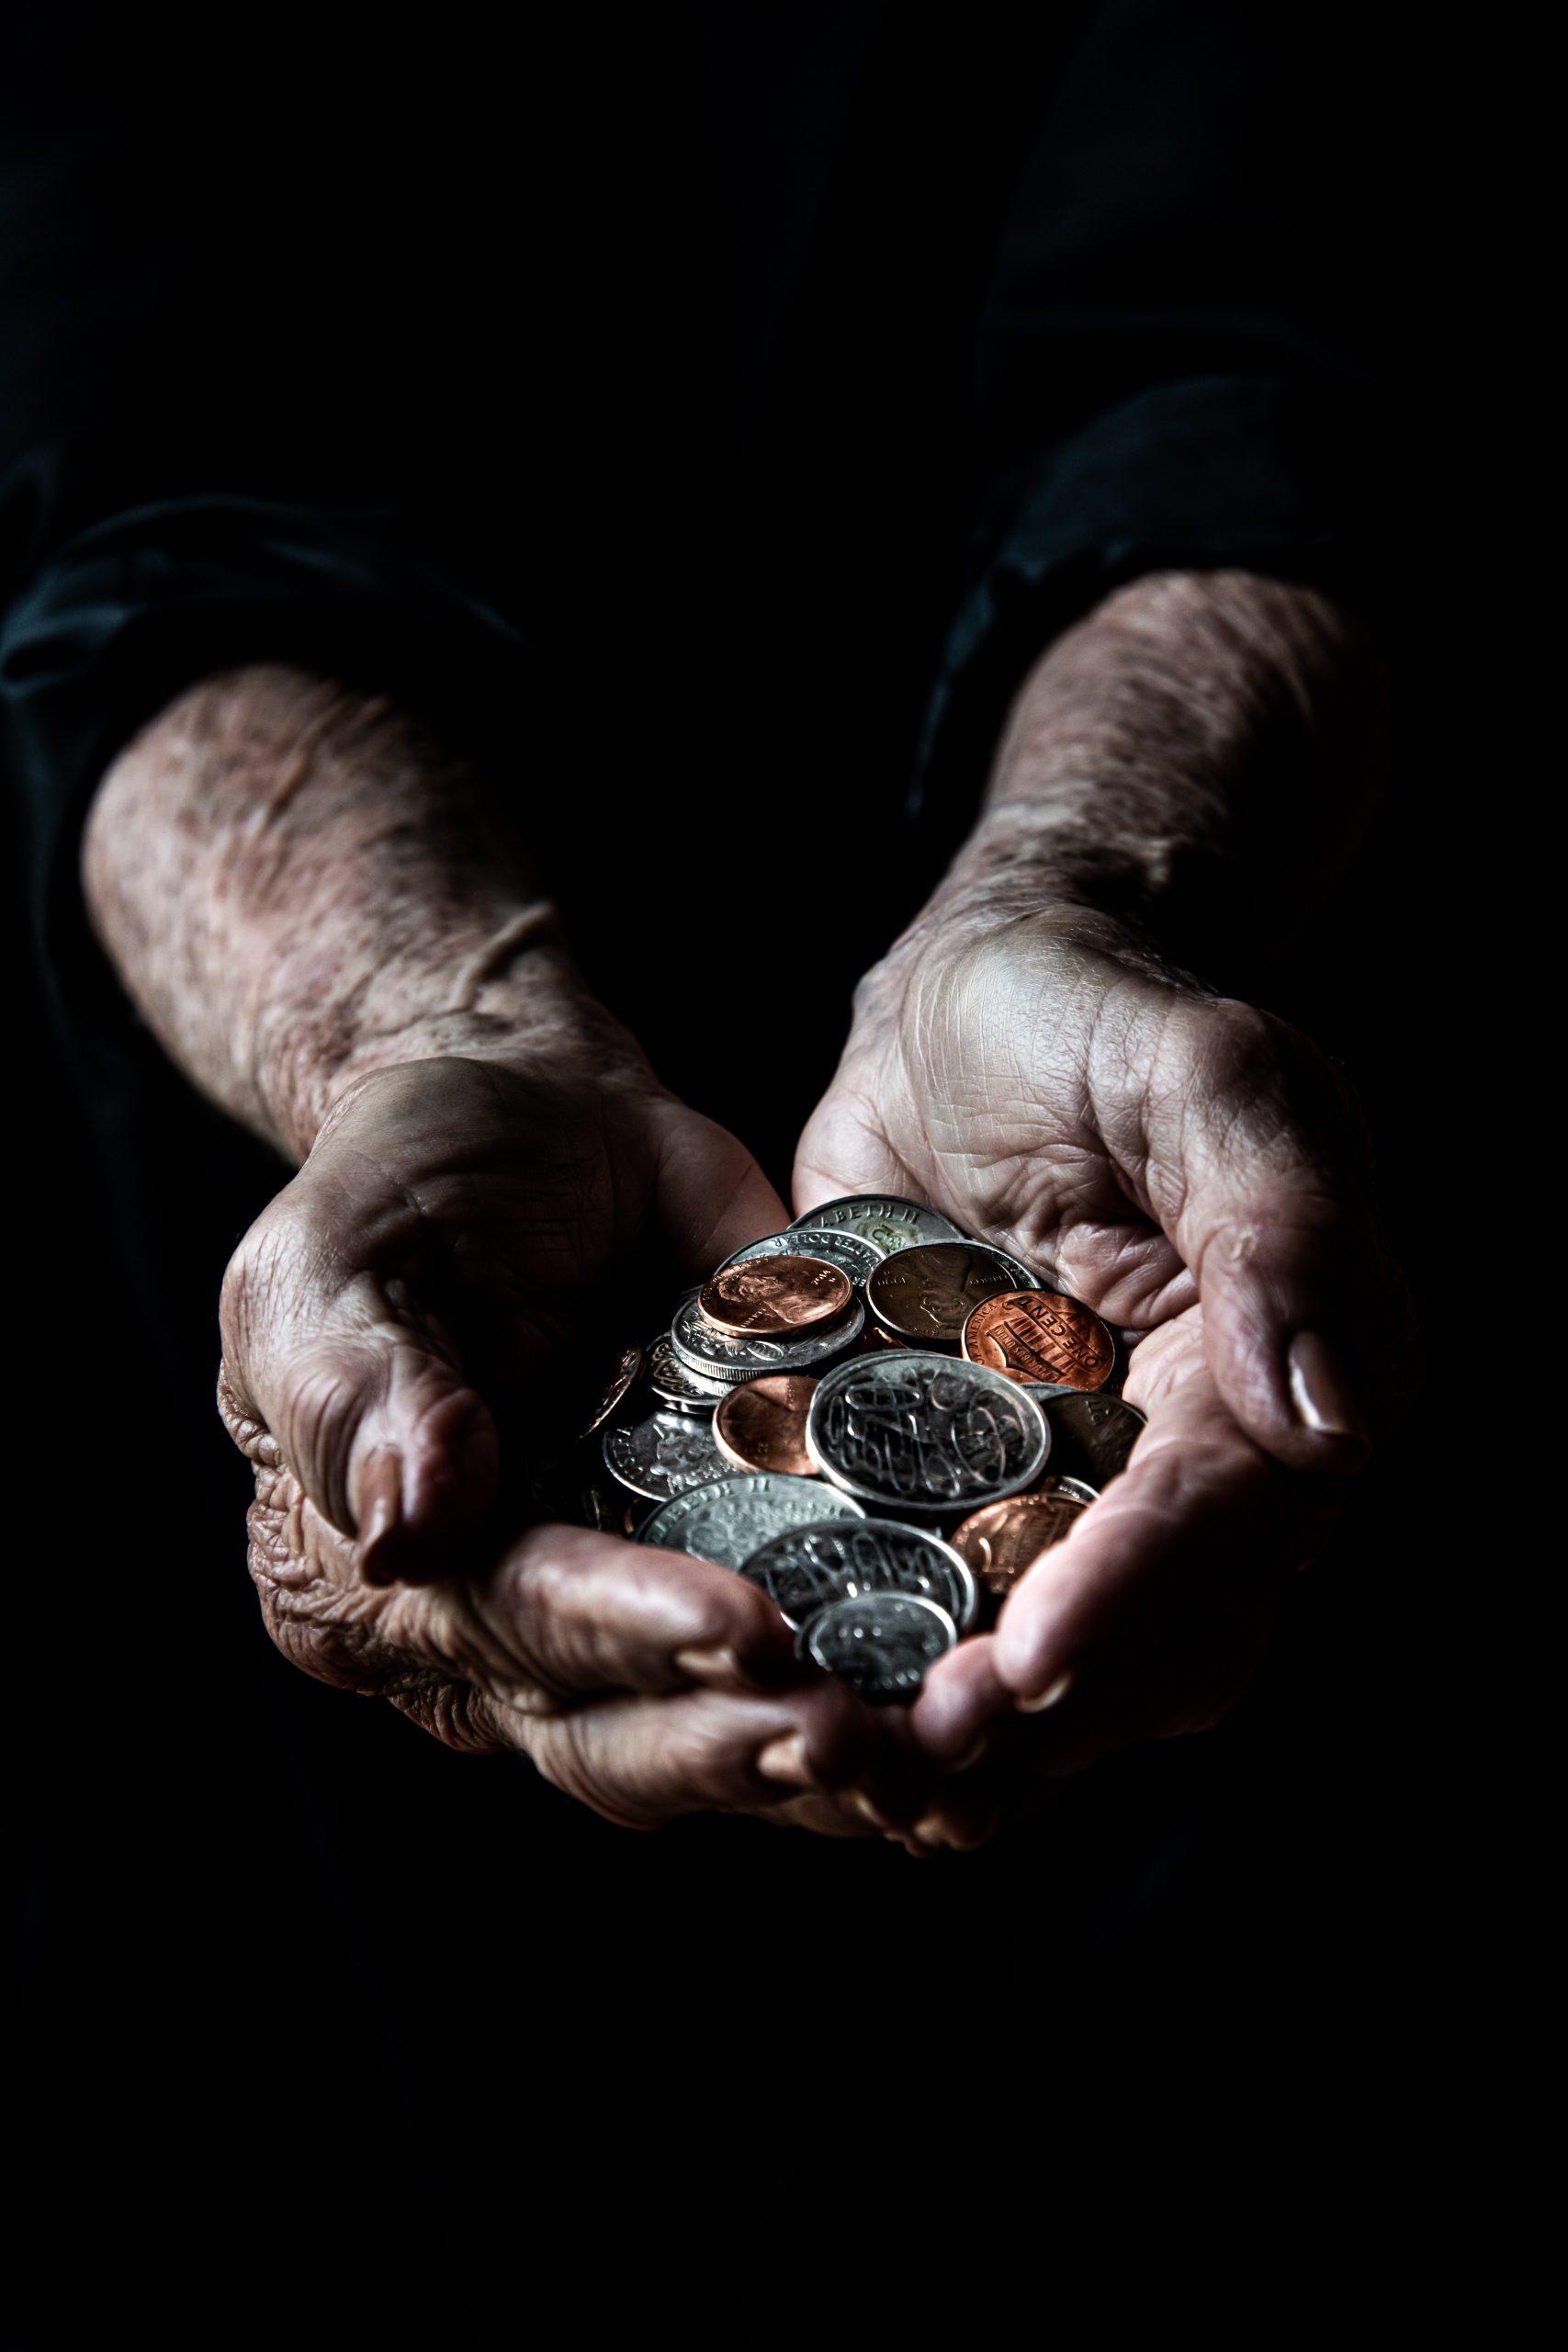 """Recalcularea pensiilor. """"Dacă sunt erori, cine a încasat banii trebuie să îi returneze"""", spune șeful Casei de Pensii"""